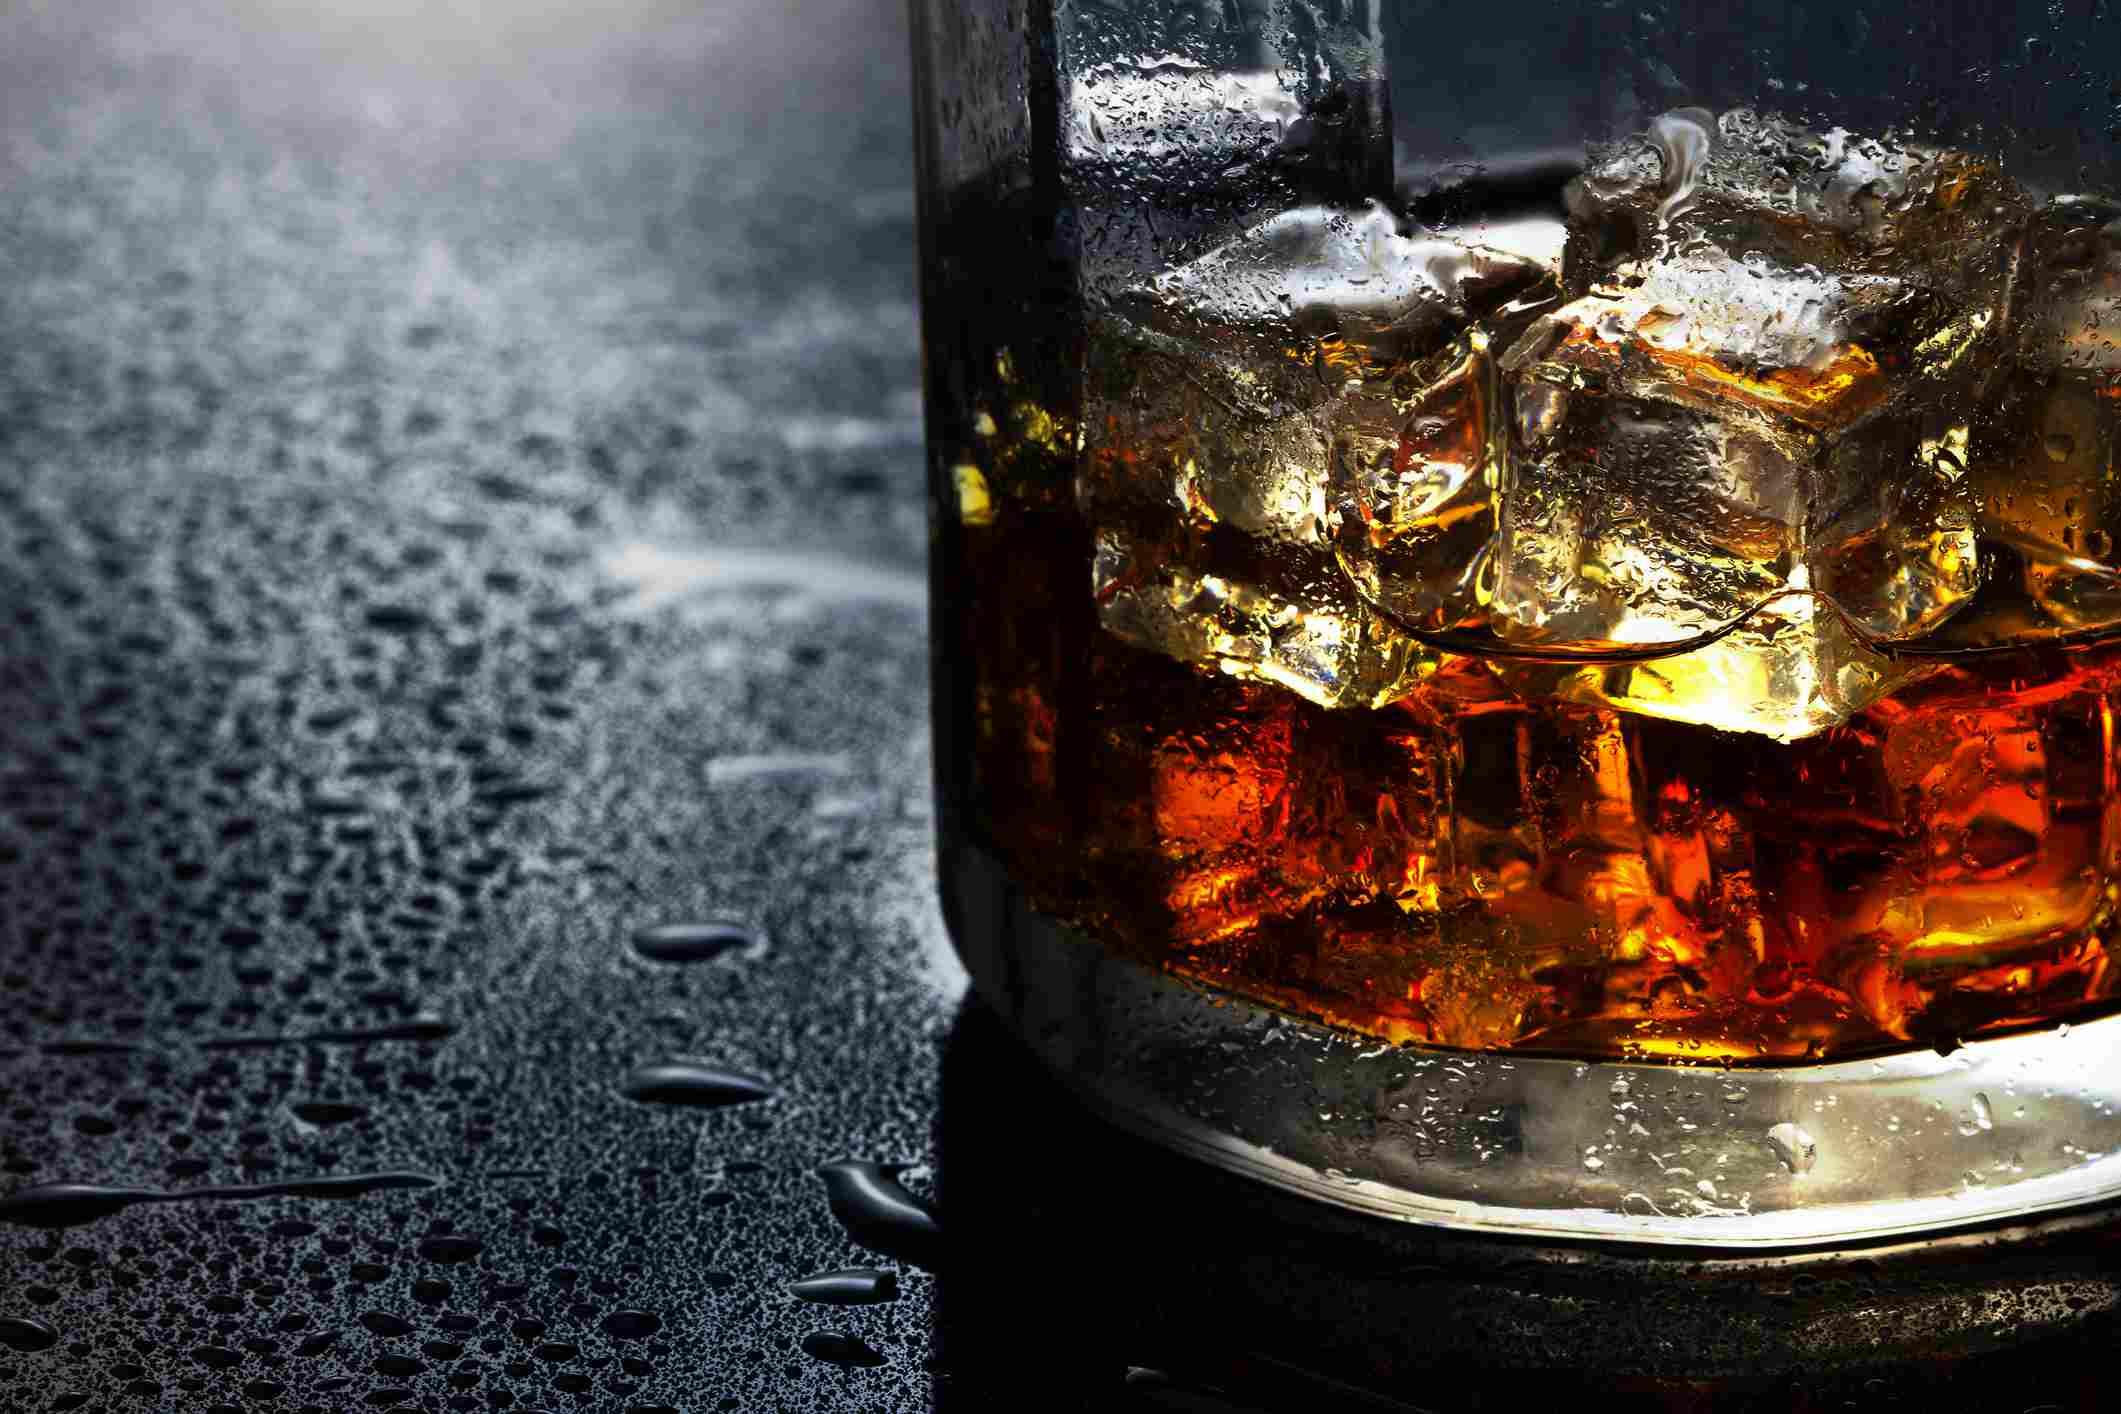 Close up of scotch in a glass